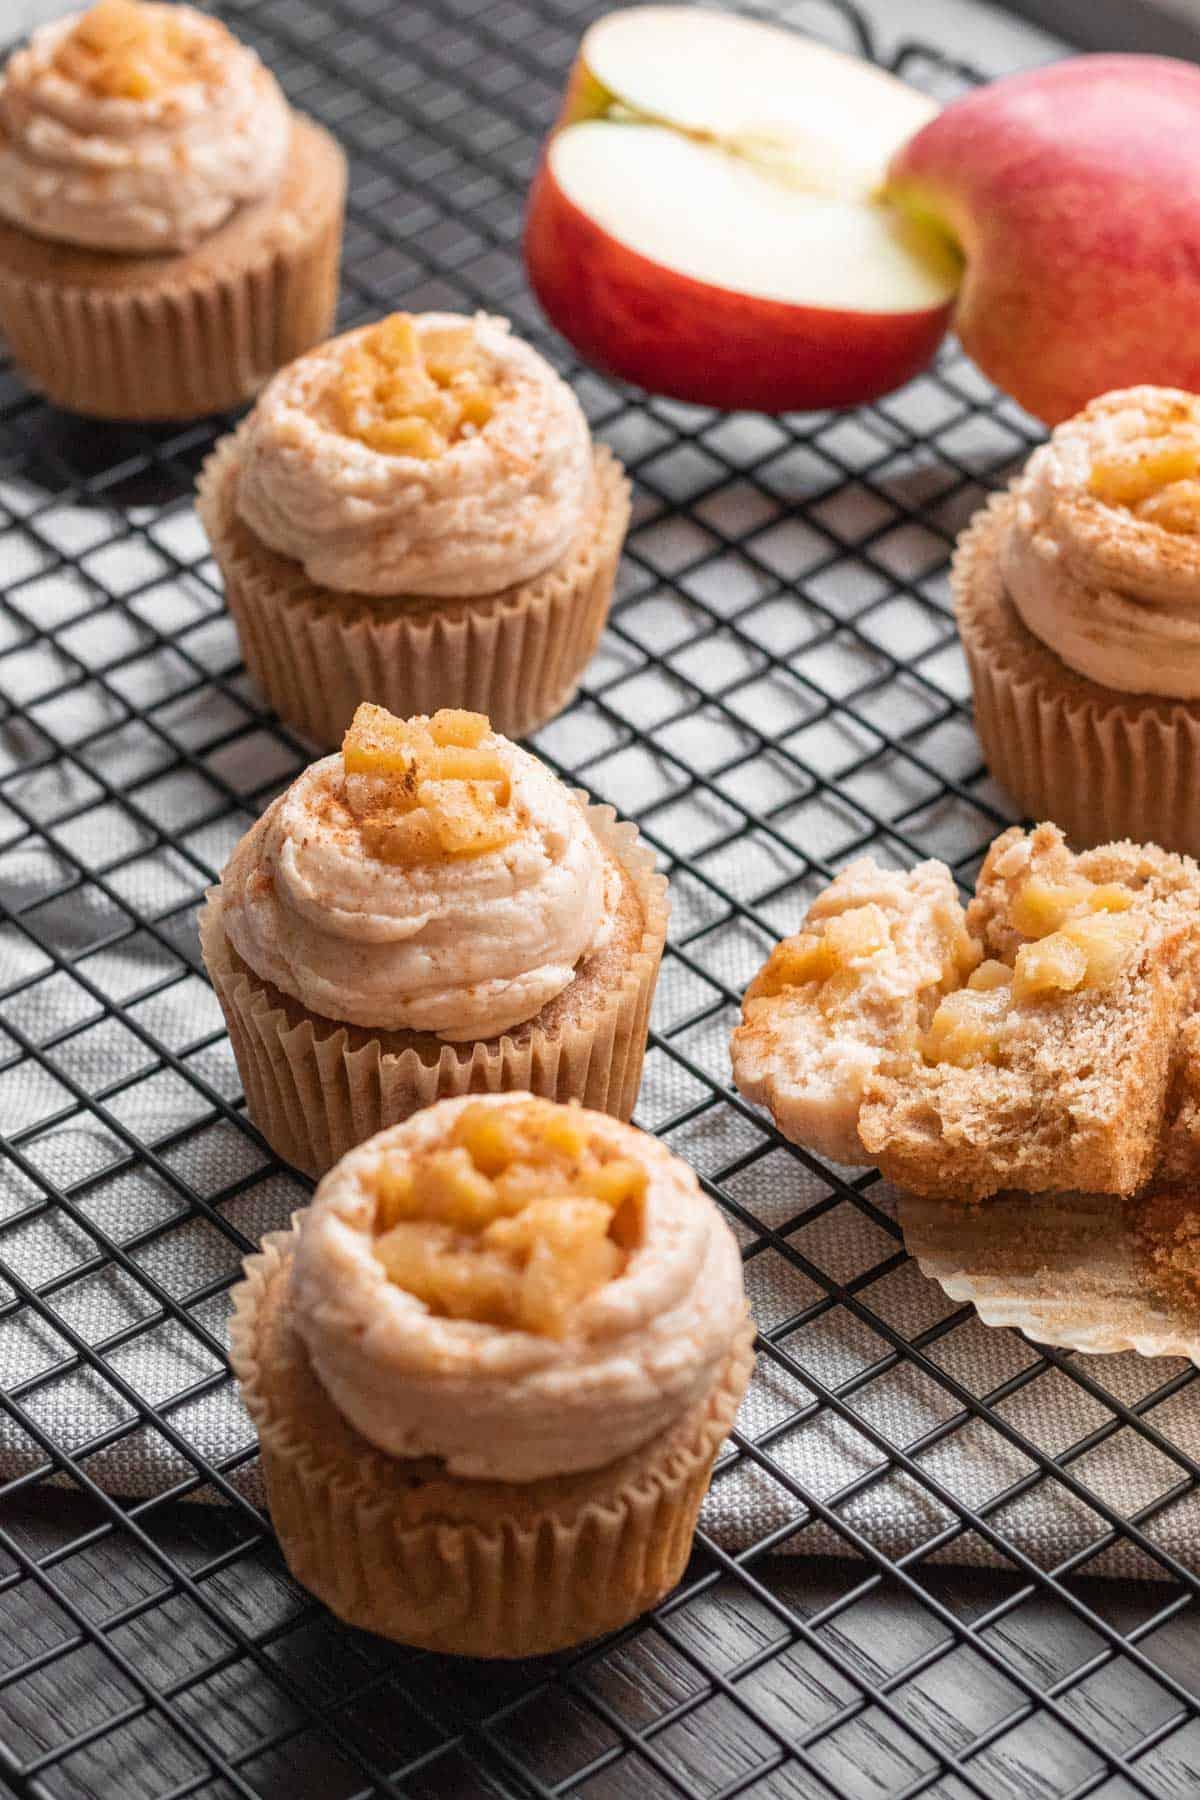 Apple-Pie-Cupcakes-9